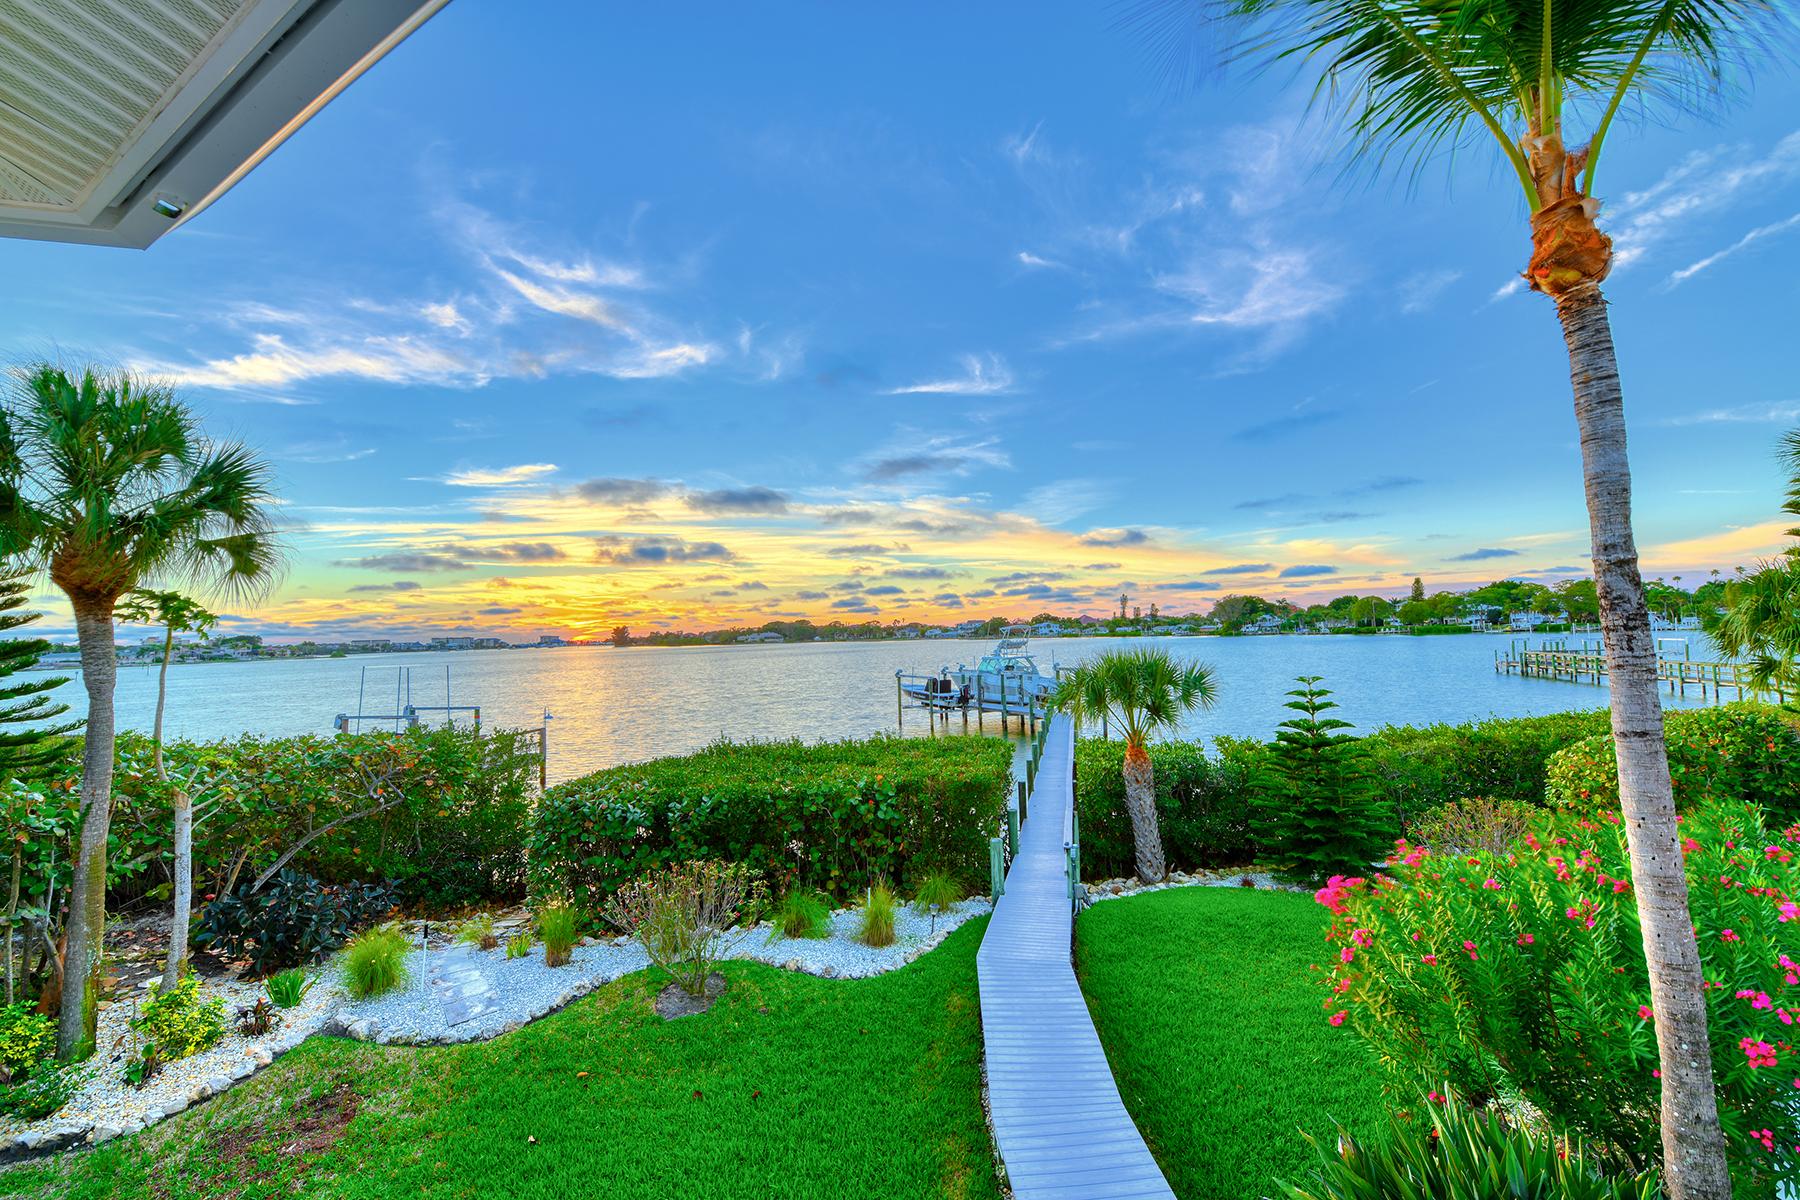 Single Family Homes für Verkauf beim 737 Eagle Point Dr, Venedig, Florida 34285 Vereinigte Staaten